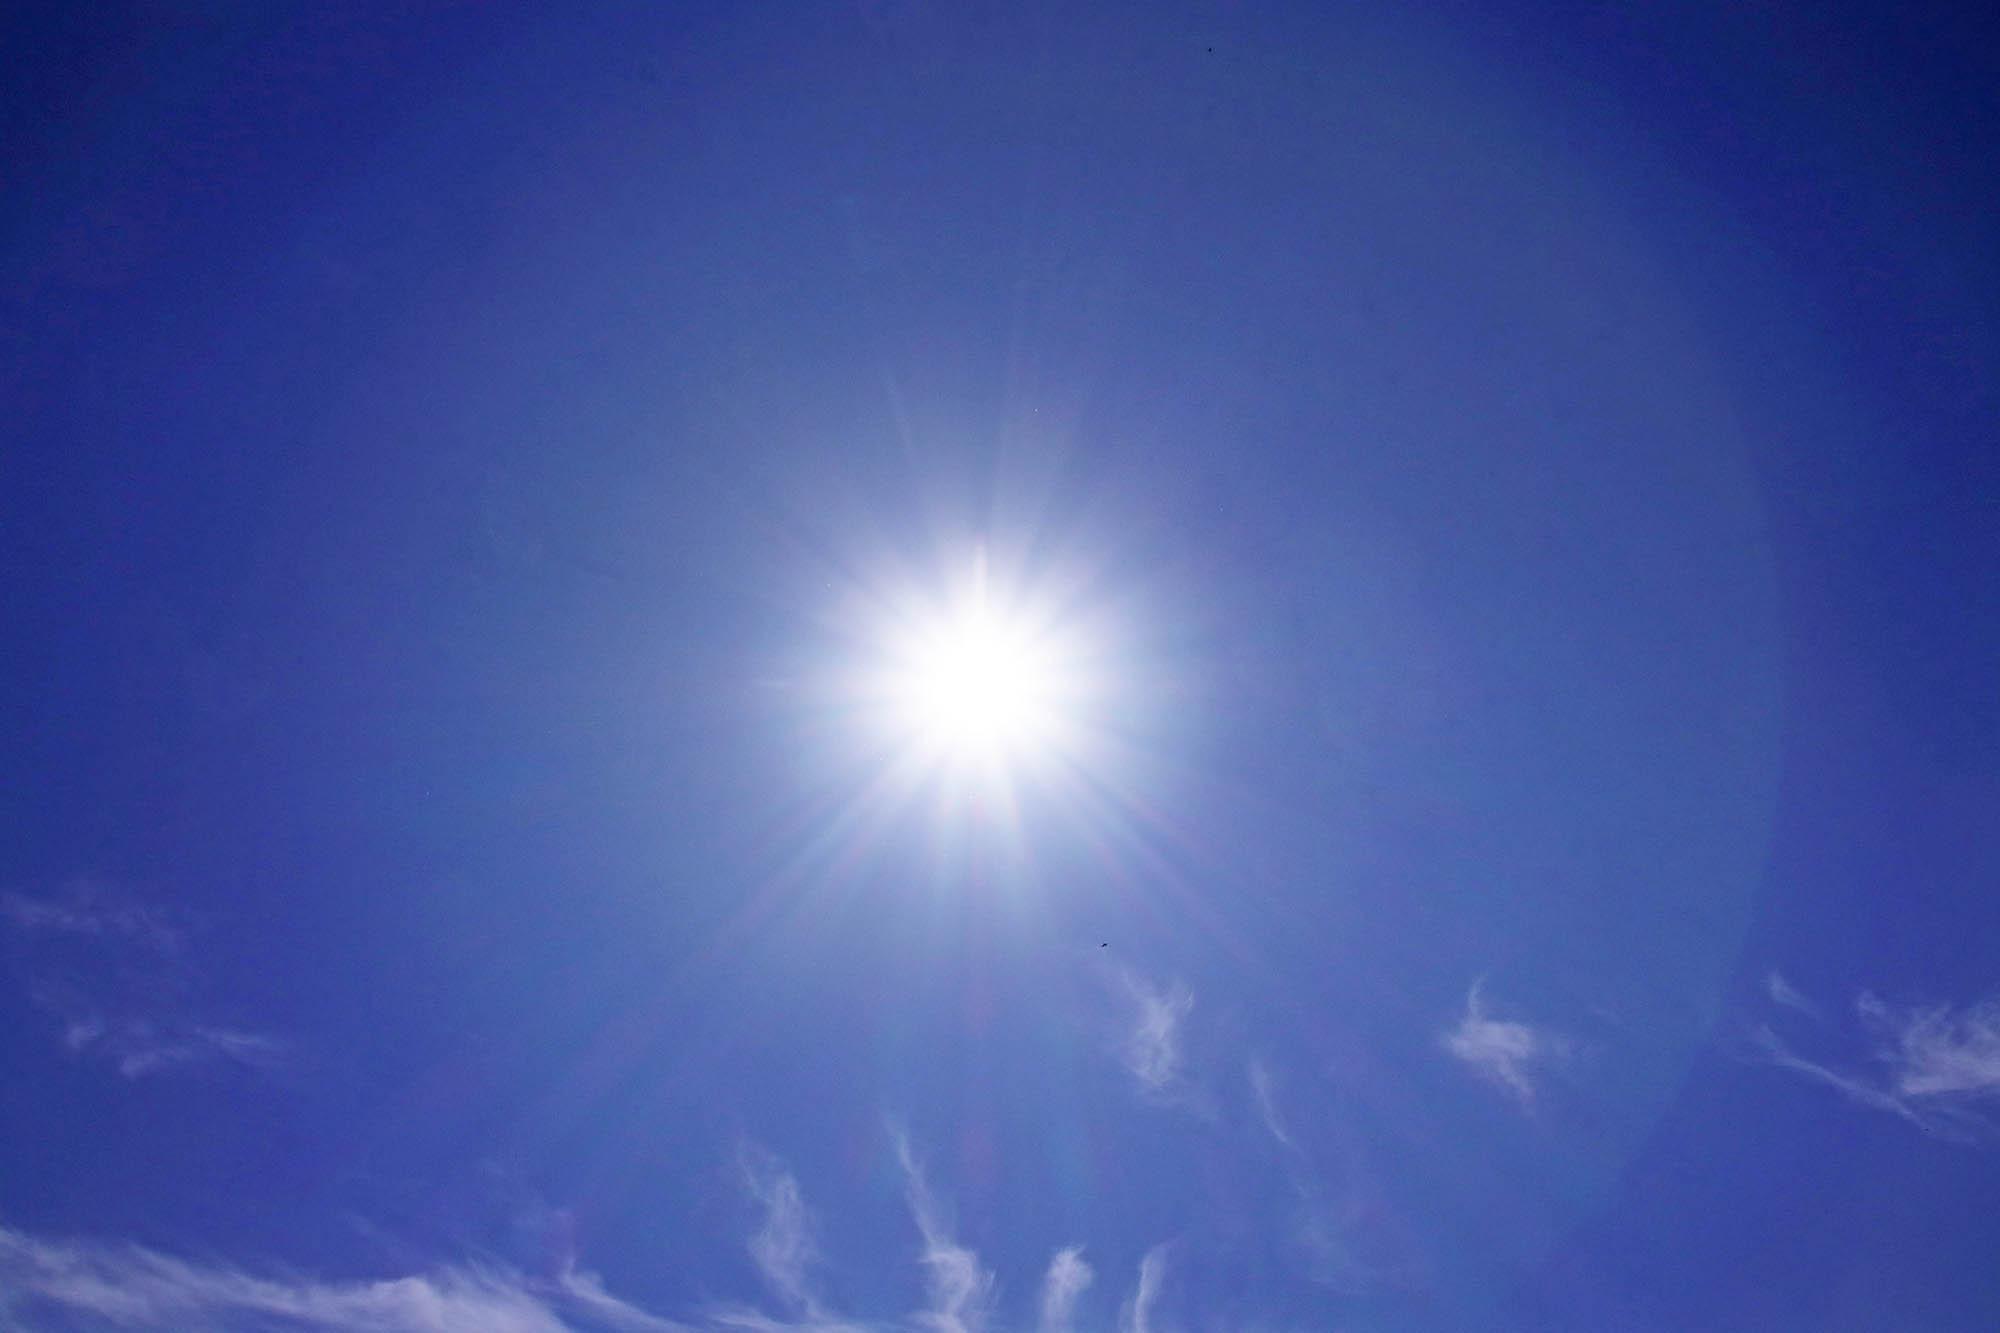 Igazi júliusi kánikulai meleg napokban lesz részünk.